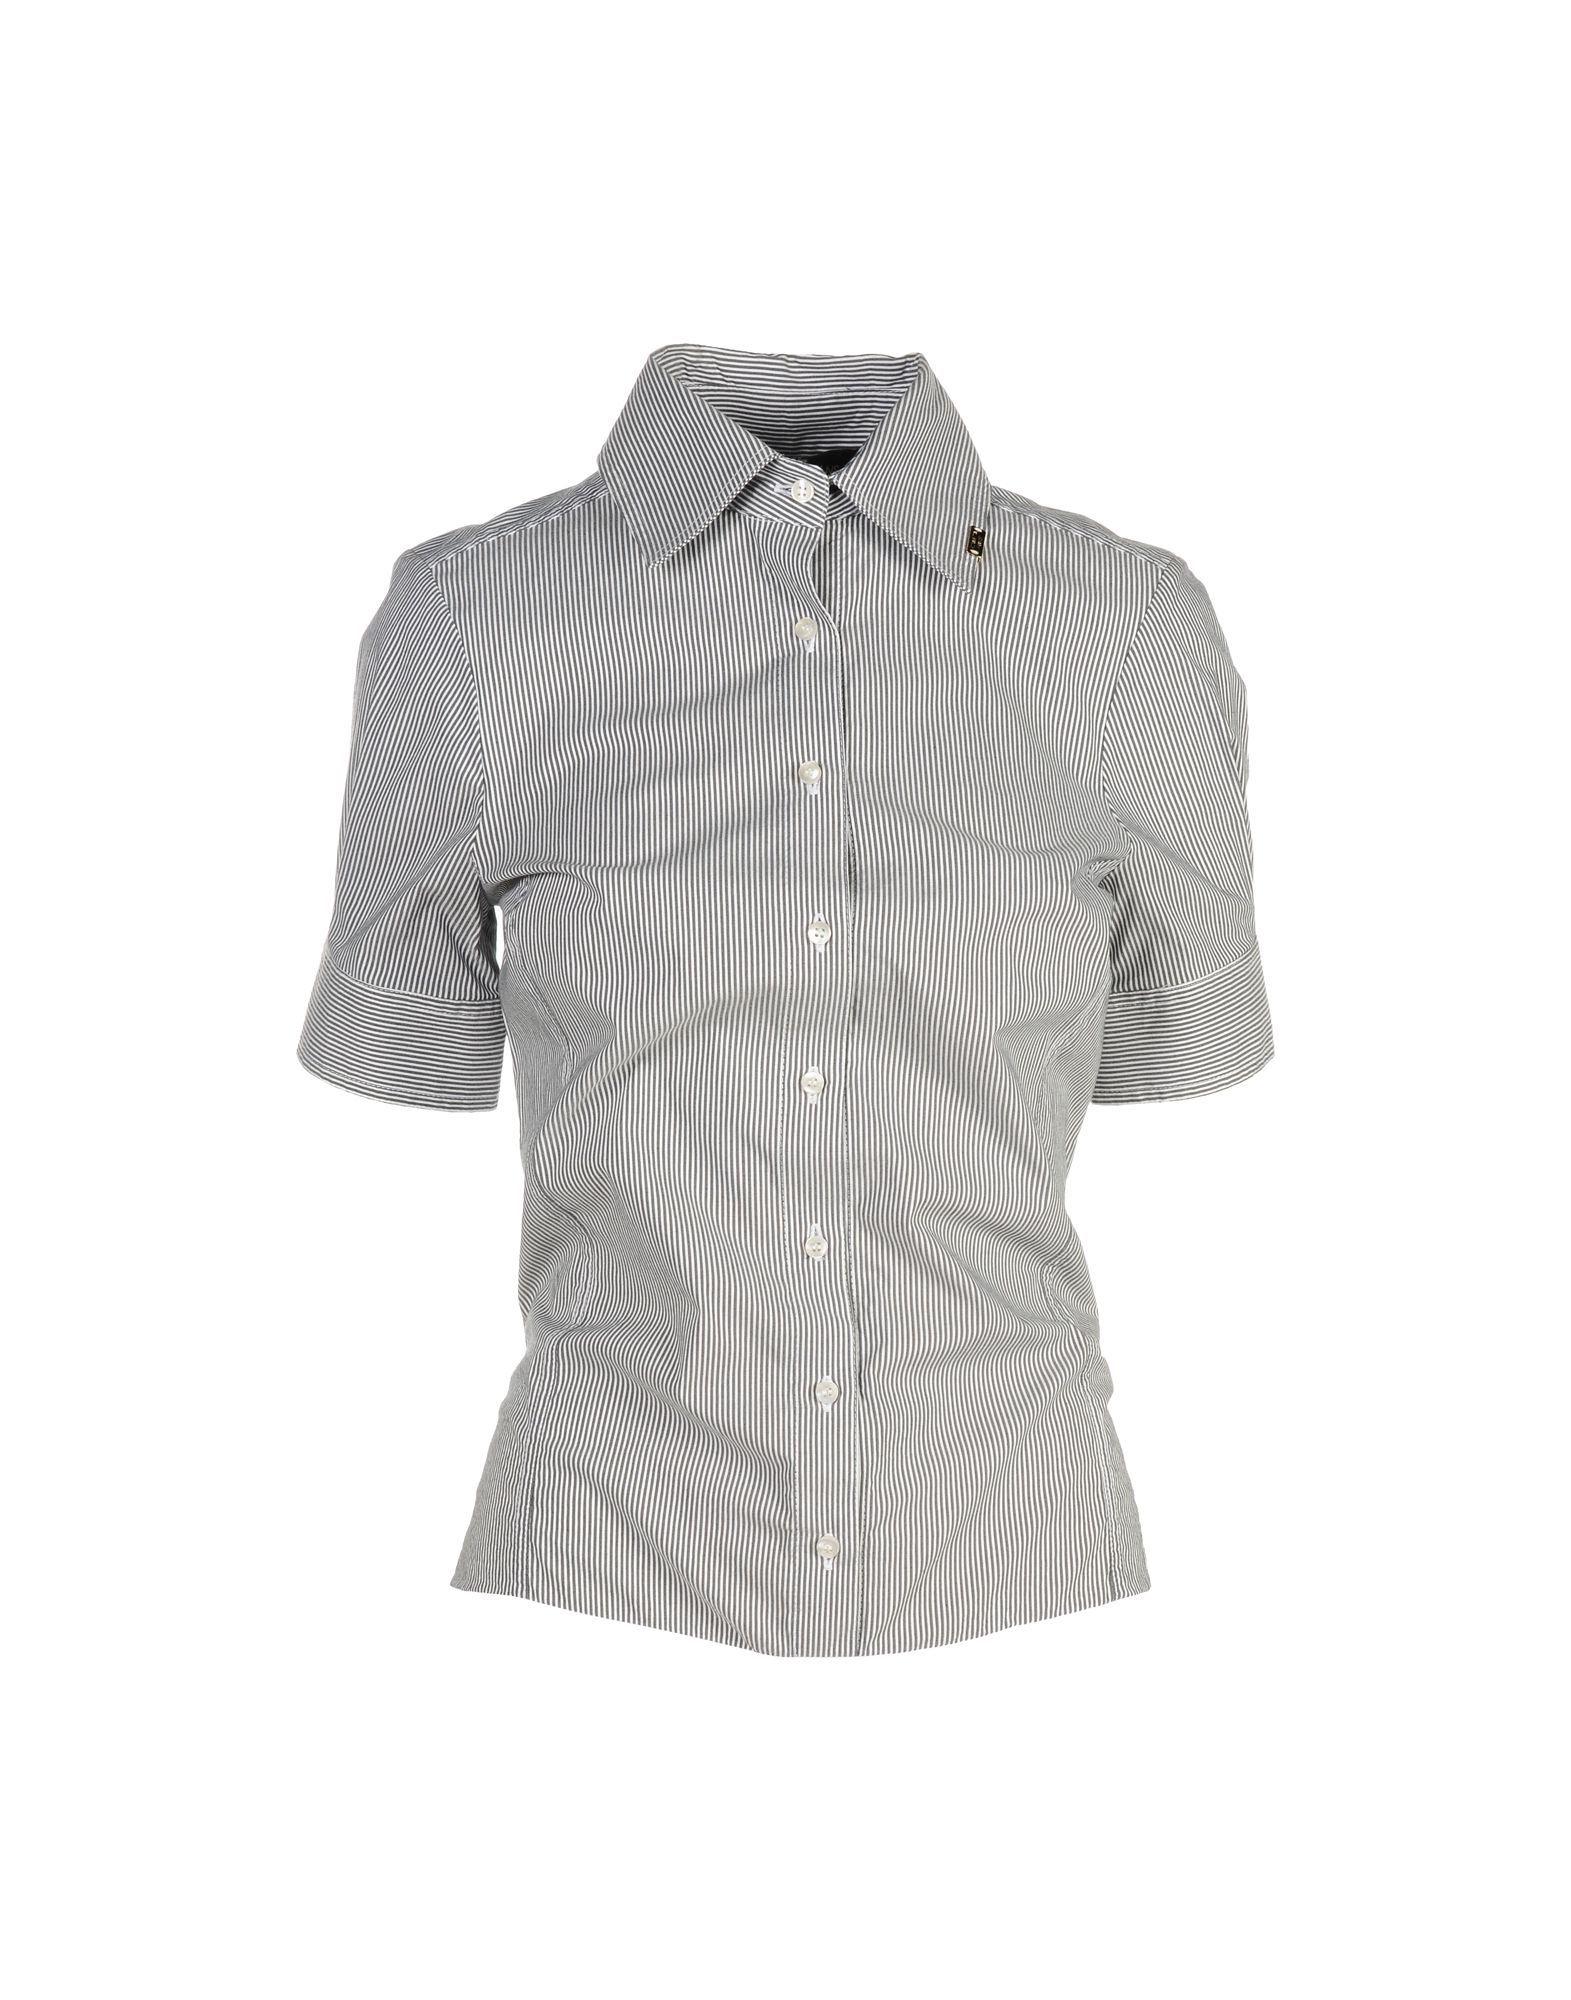 ce1ae45839d Elisabetta Franchi For Celyn B. Striped Shirt - Women Elisabetta Franchi  For Celyn B.